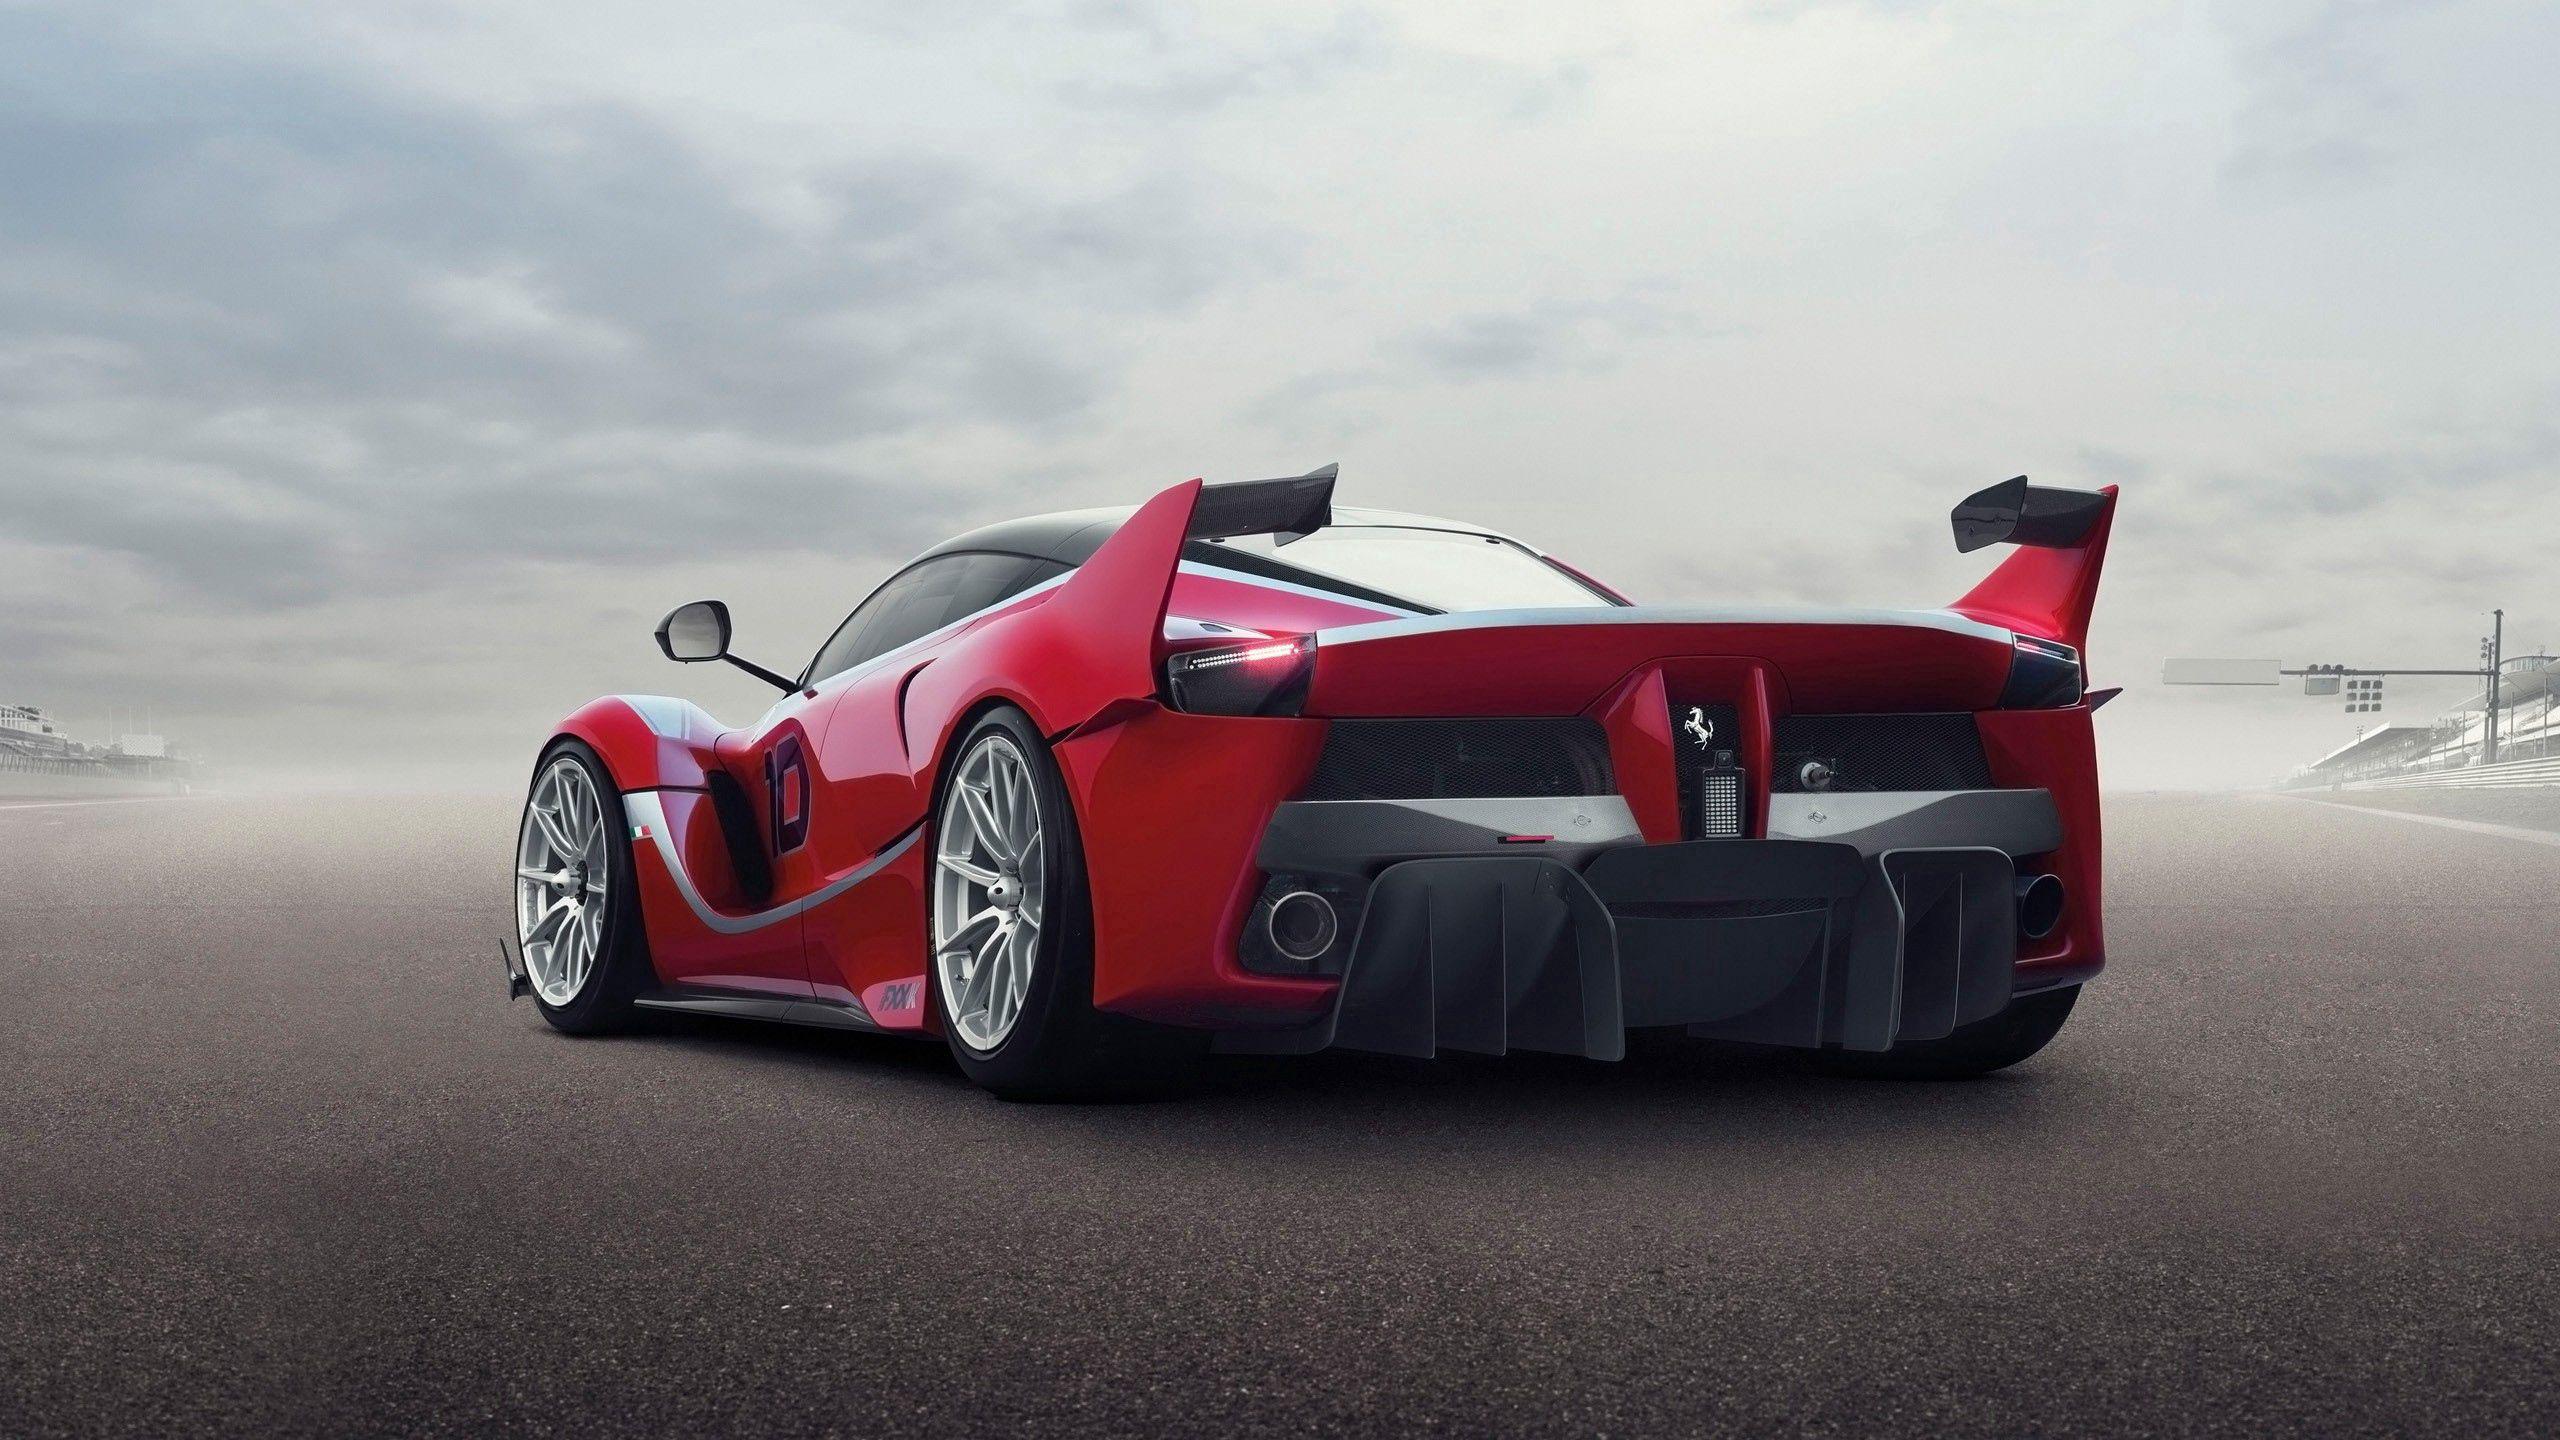 100420 скачать обои Феррари (Ferrari), Тачки (Cars), Вид Сзади, Крылья, Гиперкар, Ferrari Fxx K - заставки и картинки бесплатно